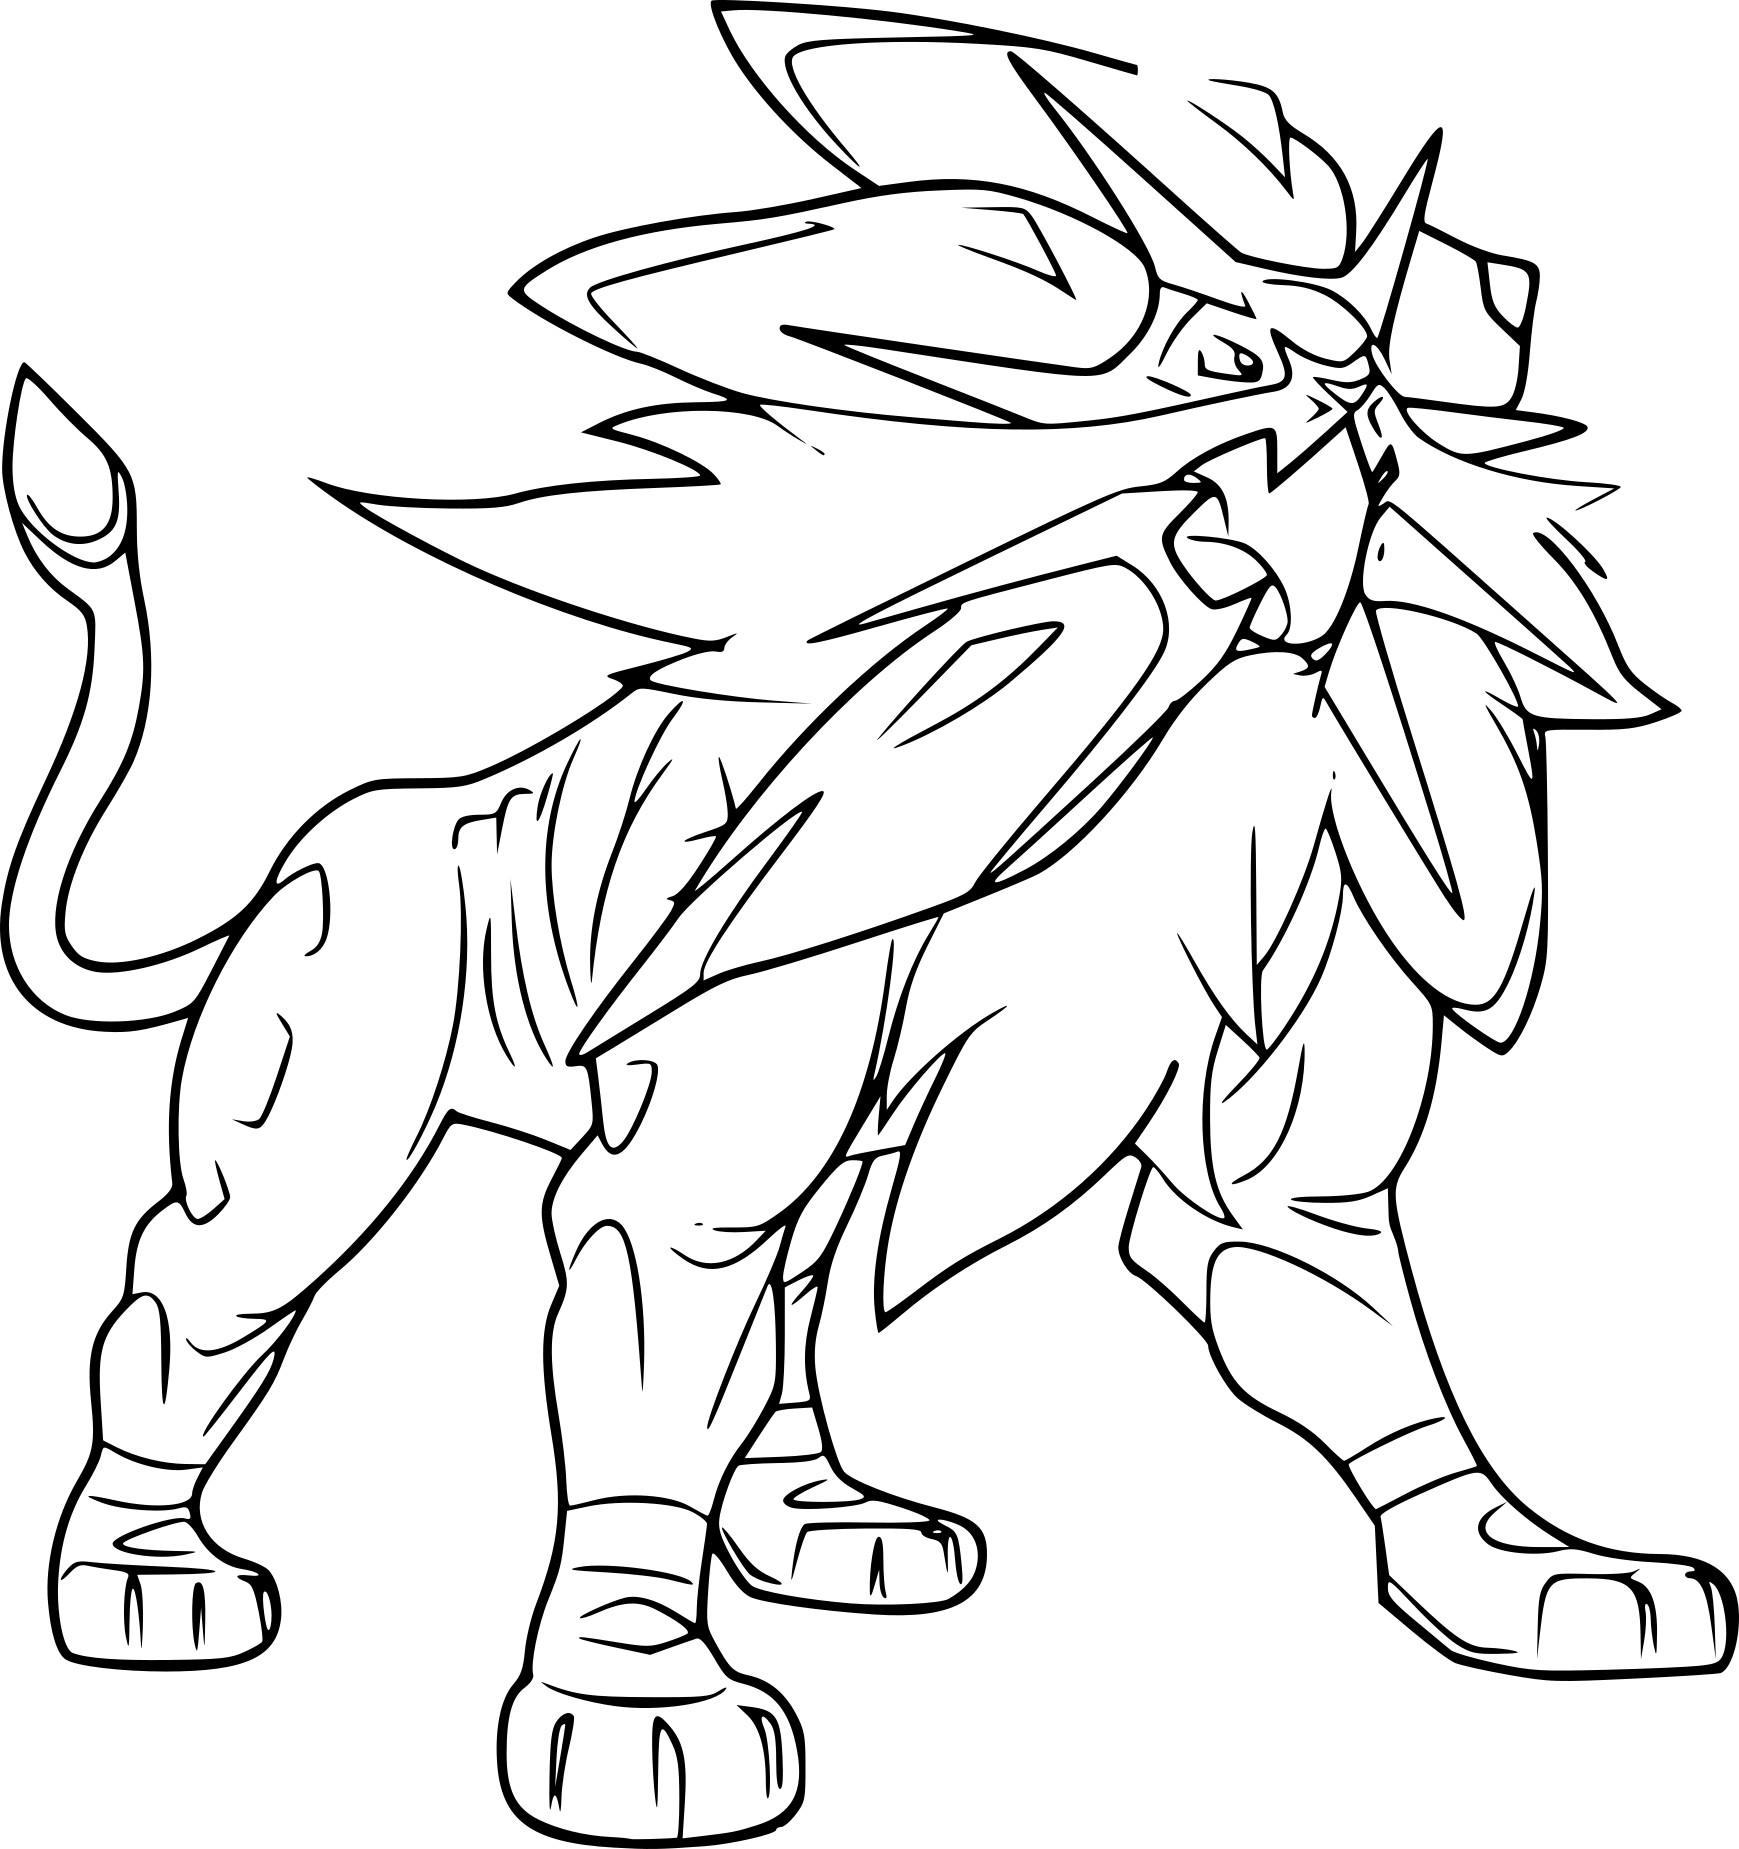 Coloriage Solgaleo Pokemon A Imprimer